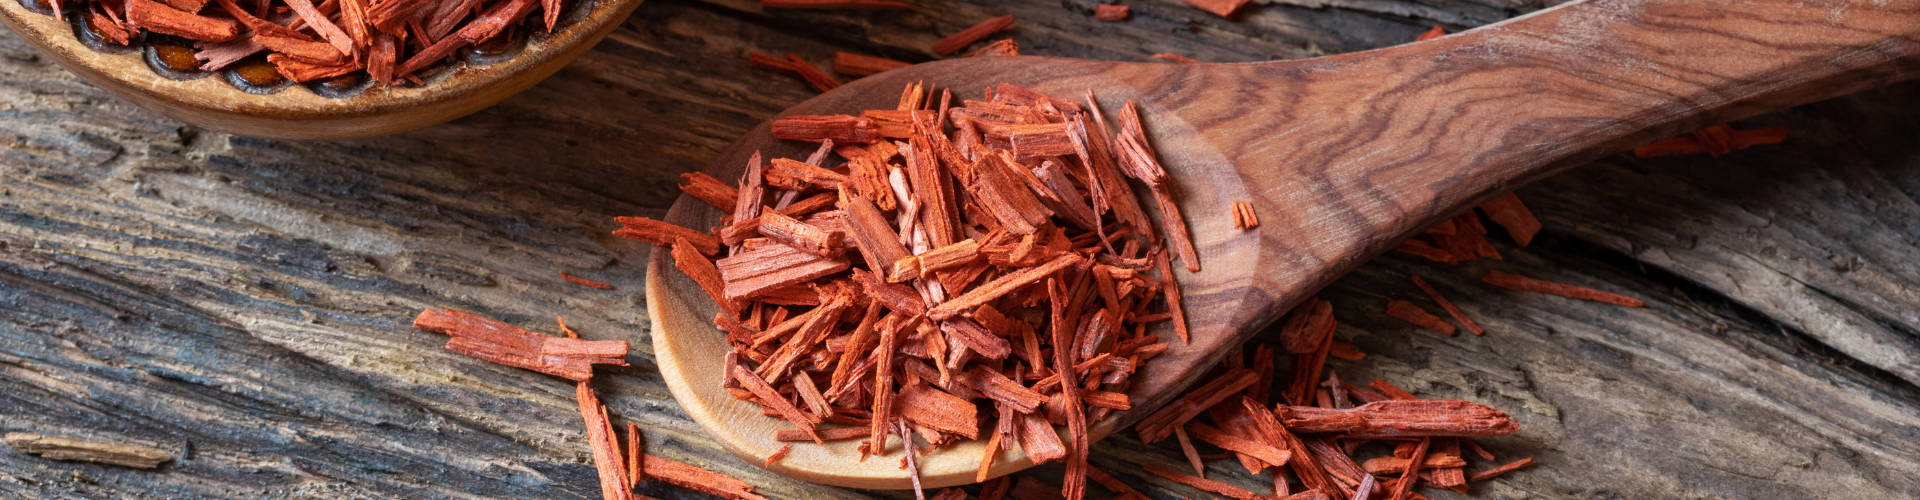 sandalwood for incense